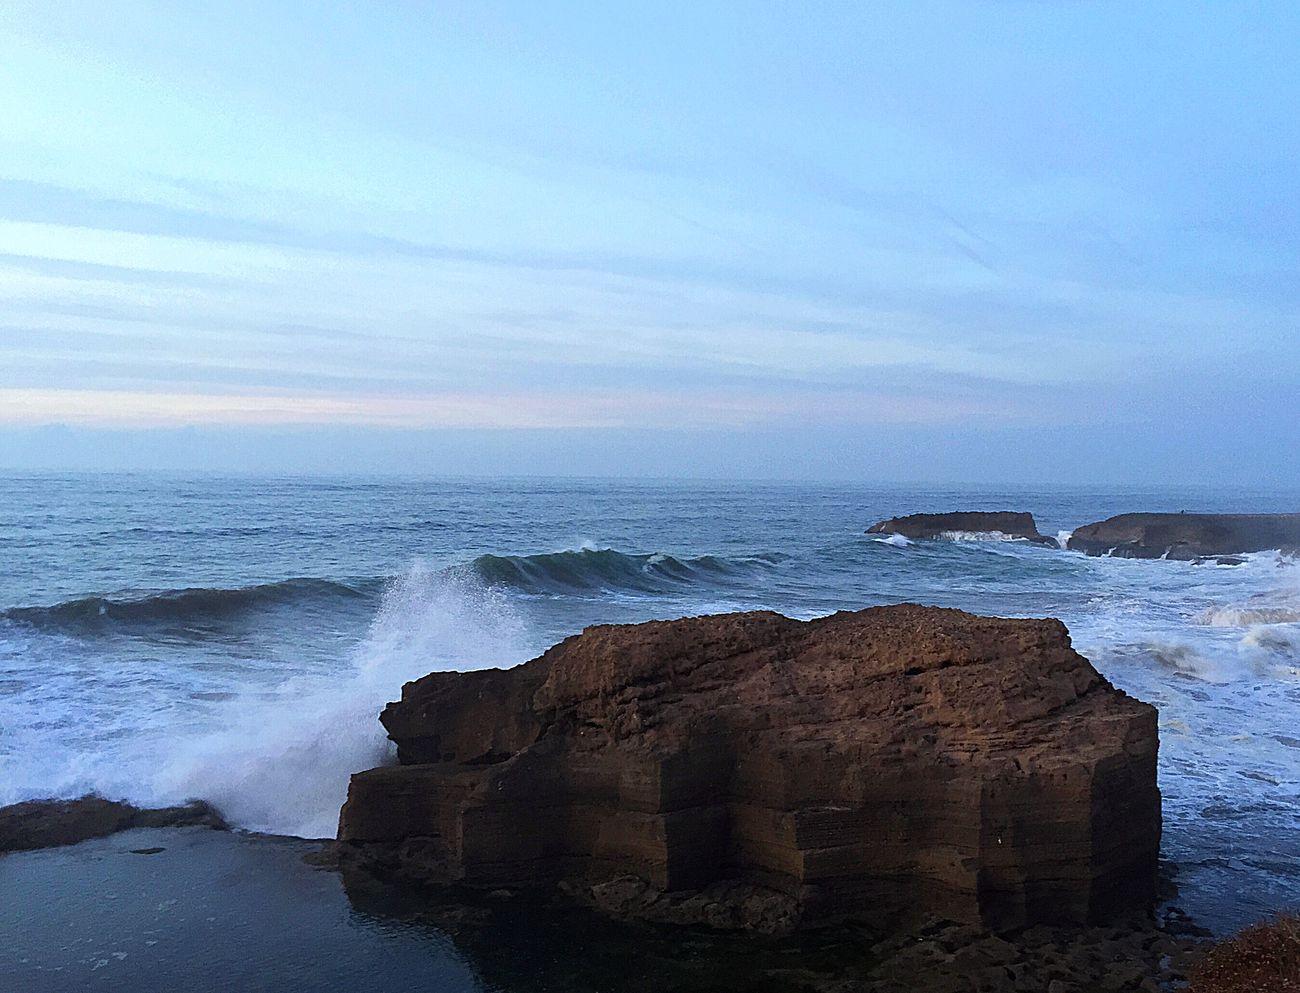 Massive waves over seaside rocks Rock Rocks Seaside Sea Sunset Waves Waves Crashing Ocean Waves Waves, Ocean, Nature EyeEm Nature Lover